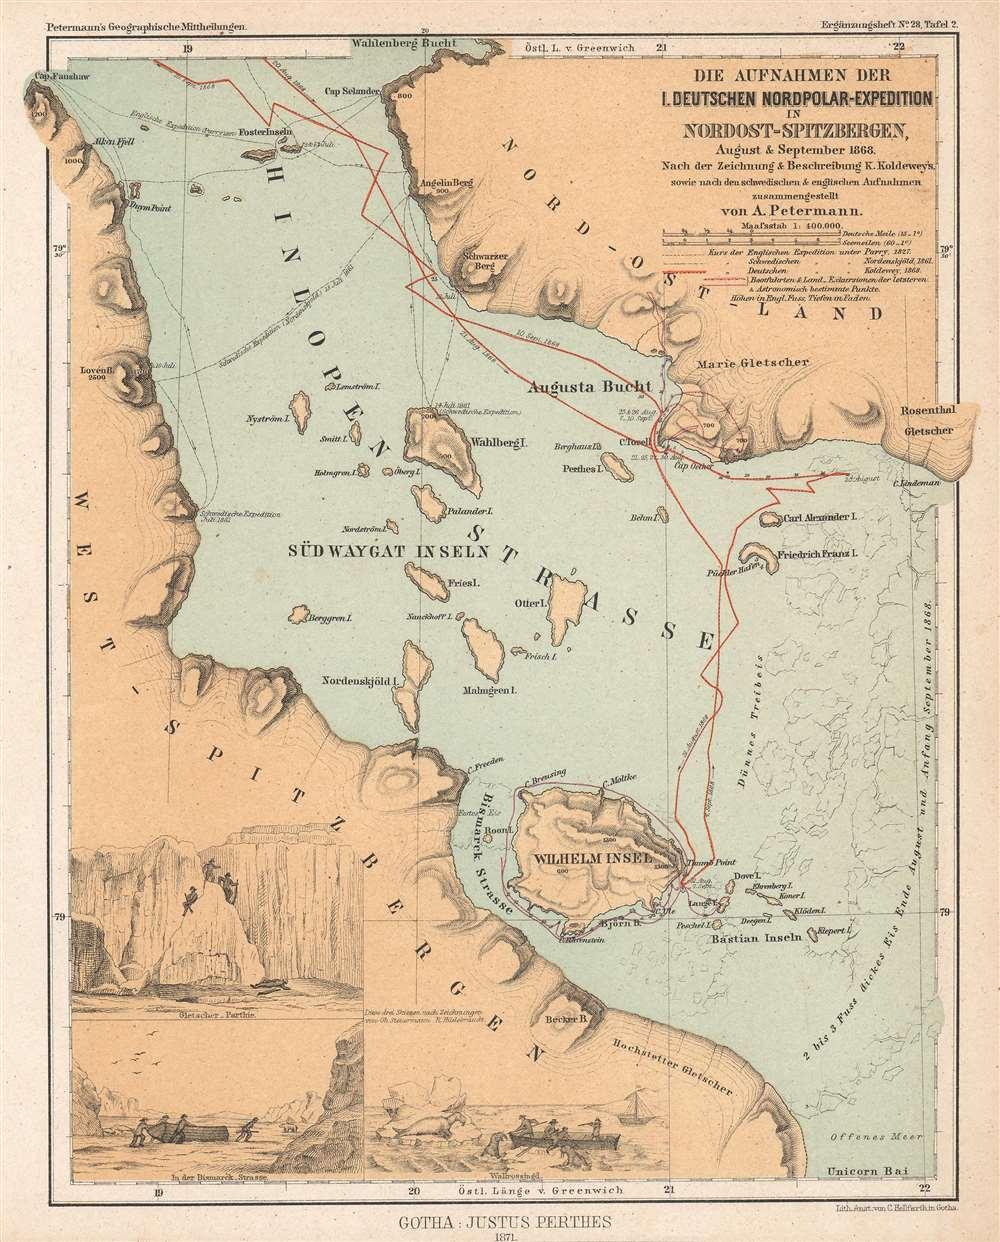 Die Aufnahmen der I. Deutschen Nordpolar-Expedition in Nordost-Spitzbergen, August und September 1868. - Main View